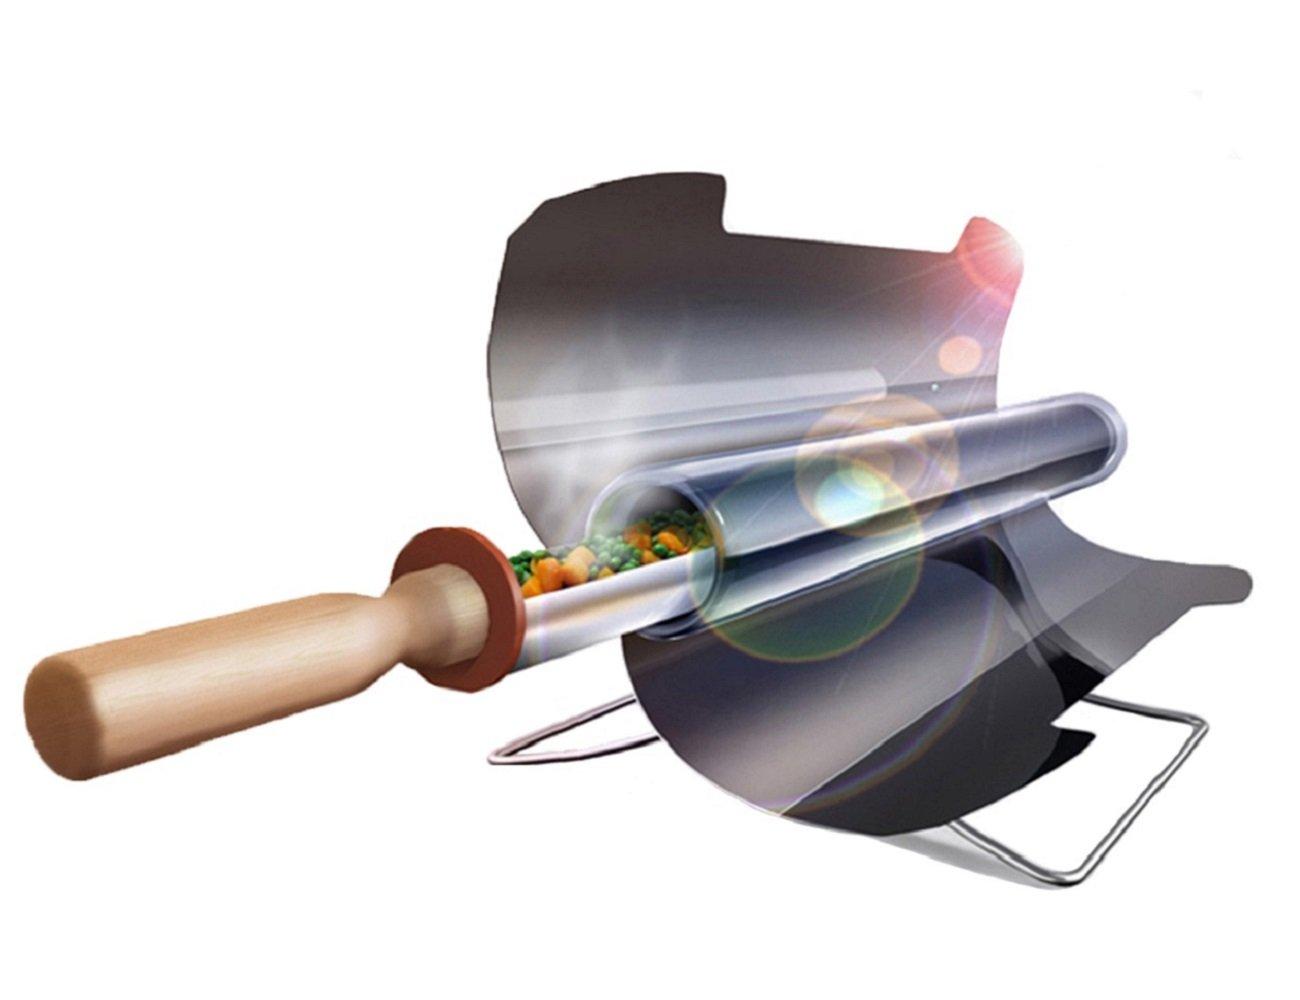 Solargrill tragbarer Grill , rauchfrei faltbar für Reise Camping im Freien (3-5 Personen)